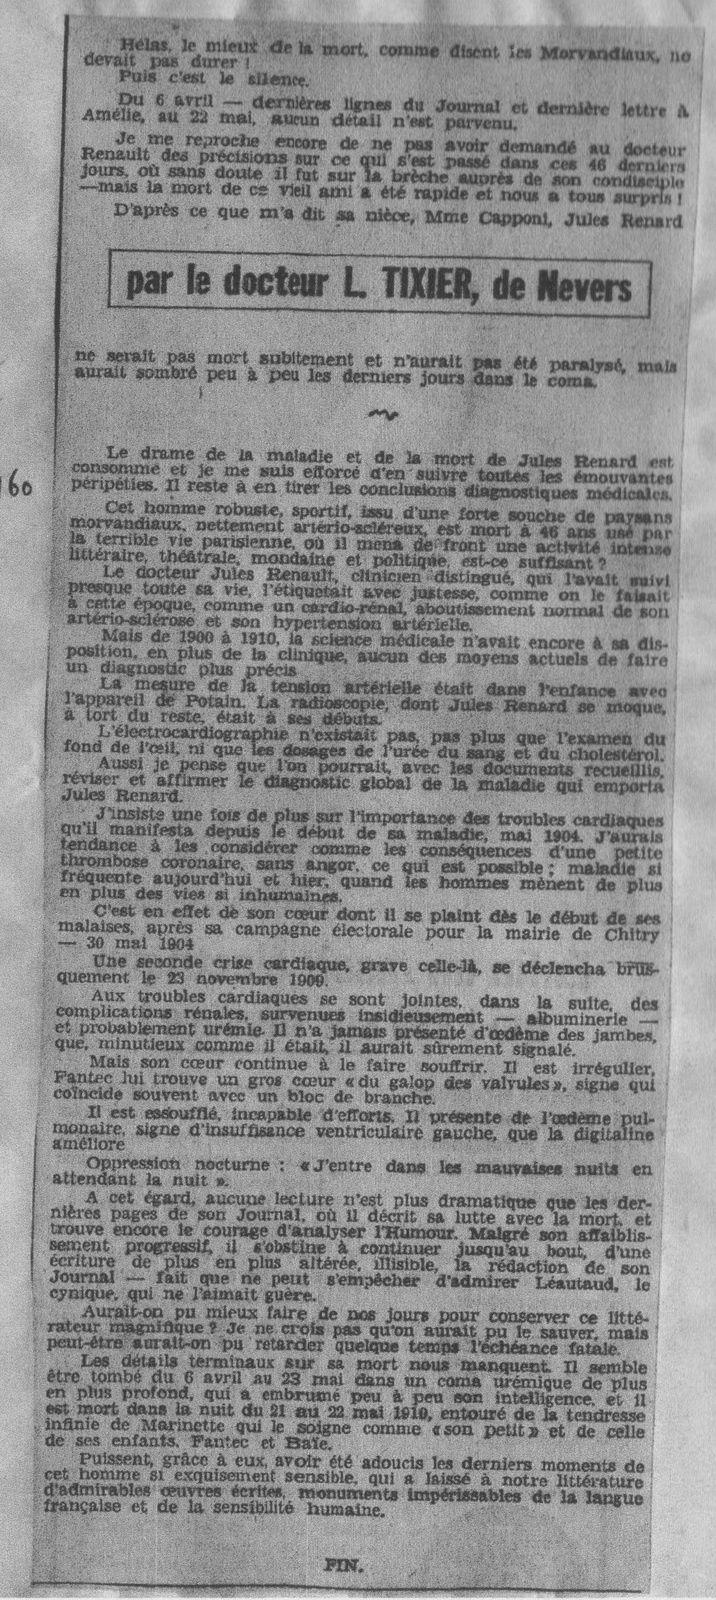 1319.L.Tixier : Journal du Centre, 11 octobre 1961 (essai sur la vie, la maladie et la mort de Jules Renard) préface Léon Guichard